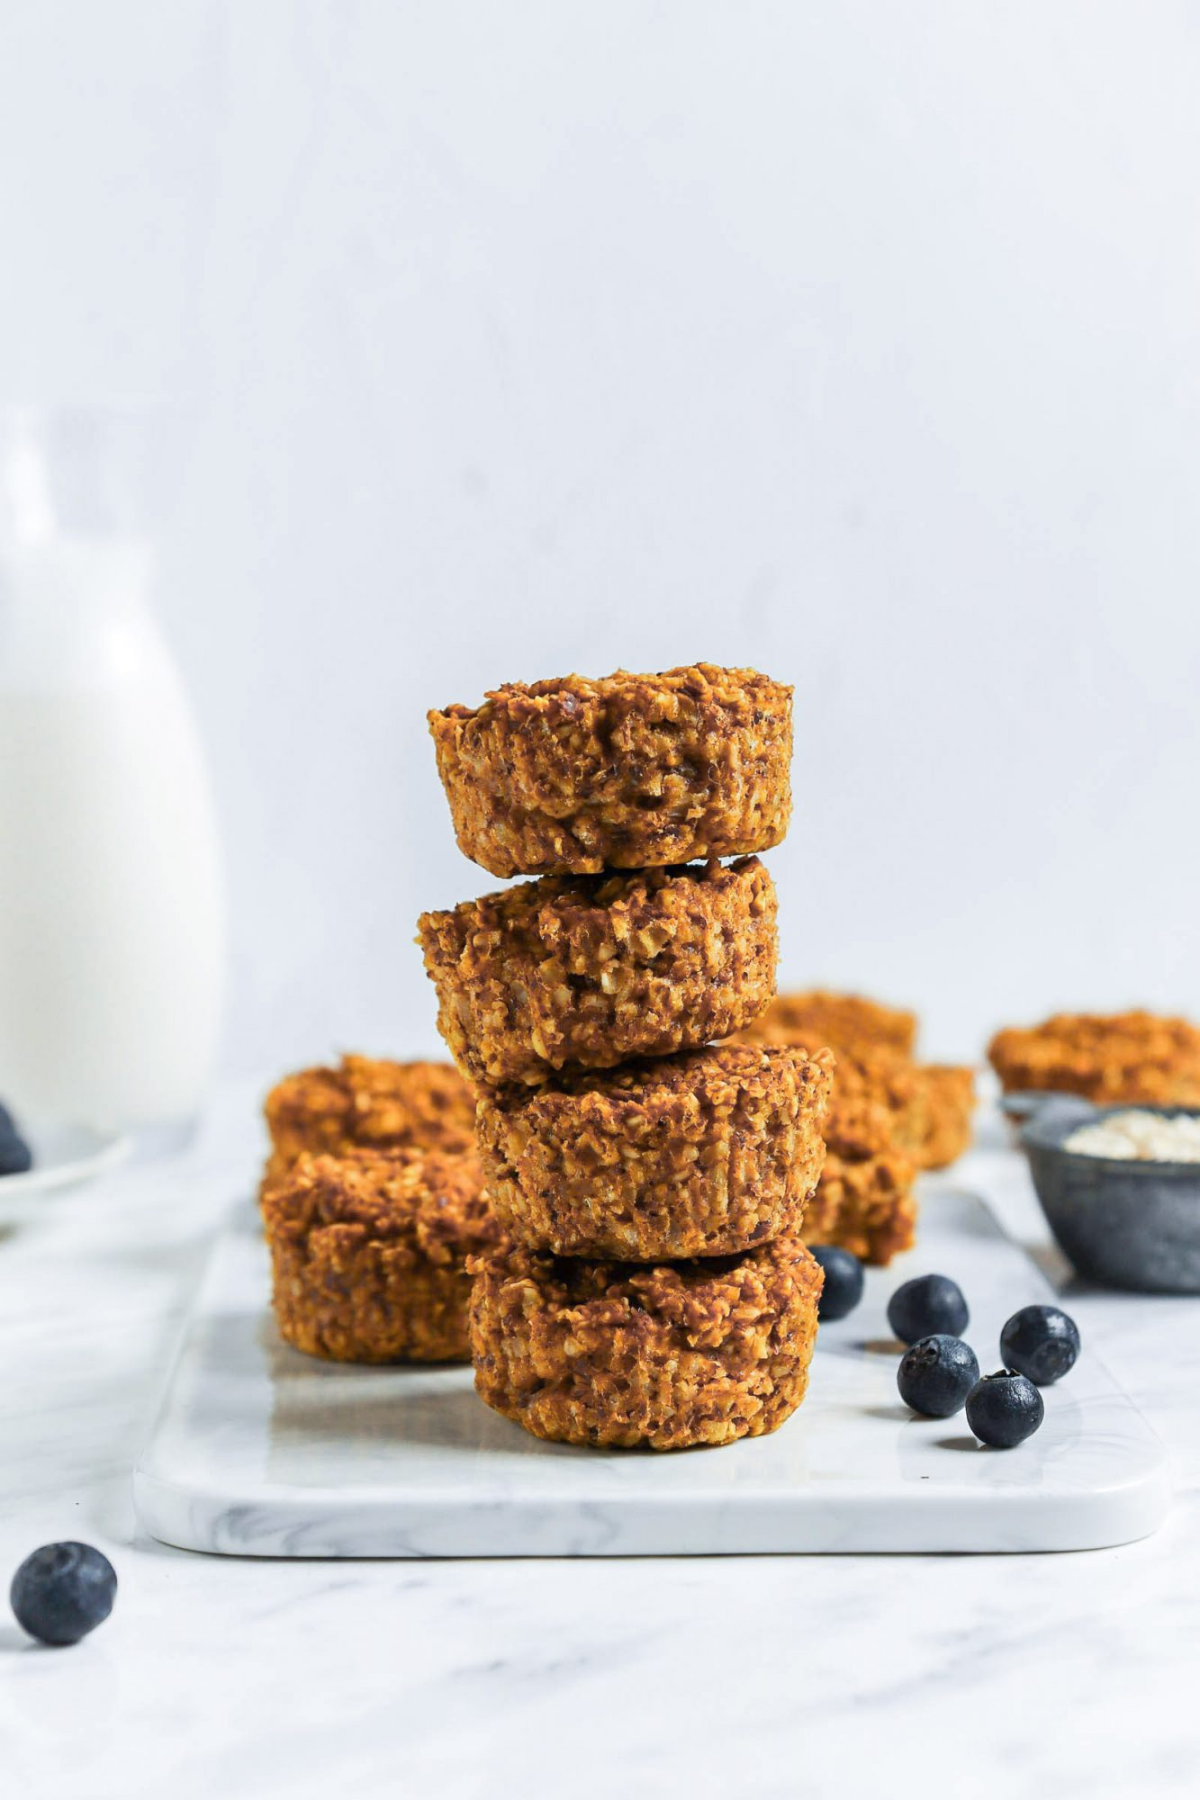 Freezer-Friendly Oatmeal Cups (vegan + gluten-free + nut-free + refined sugar-free)